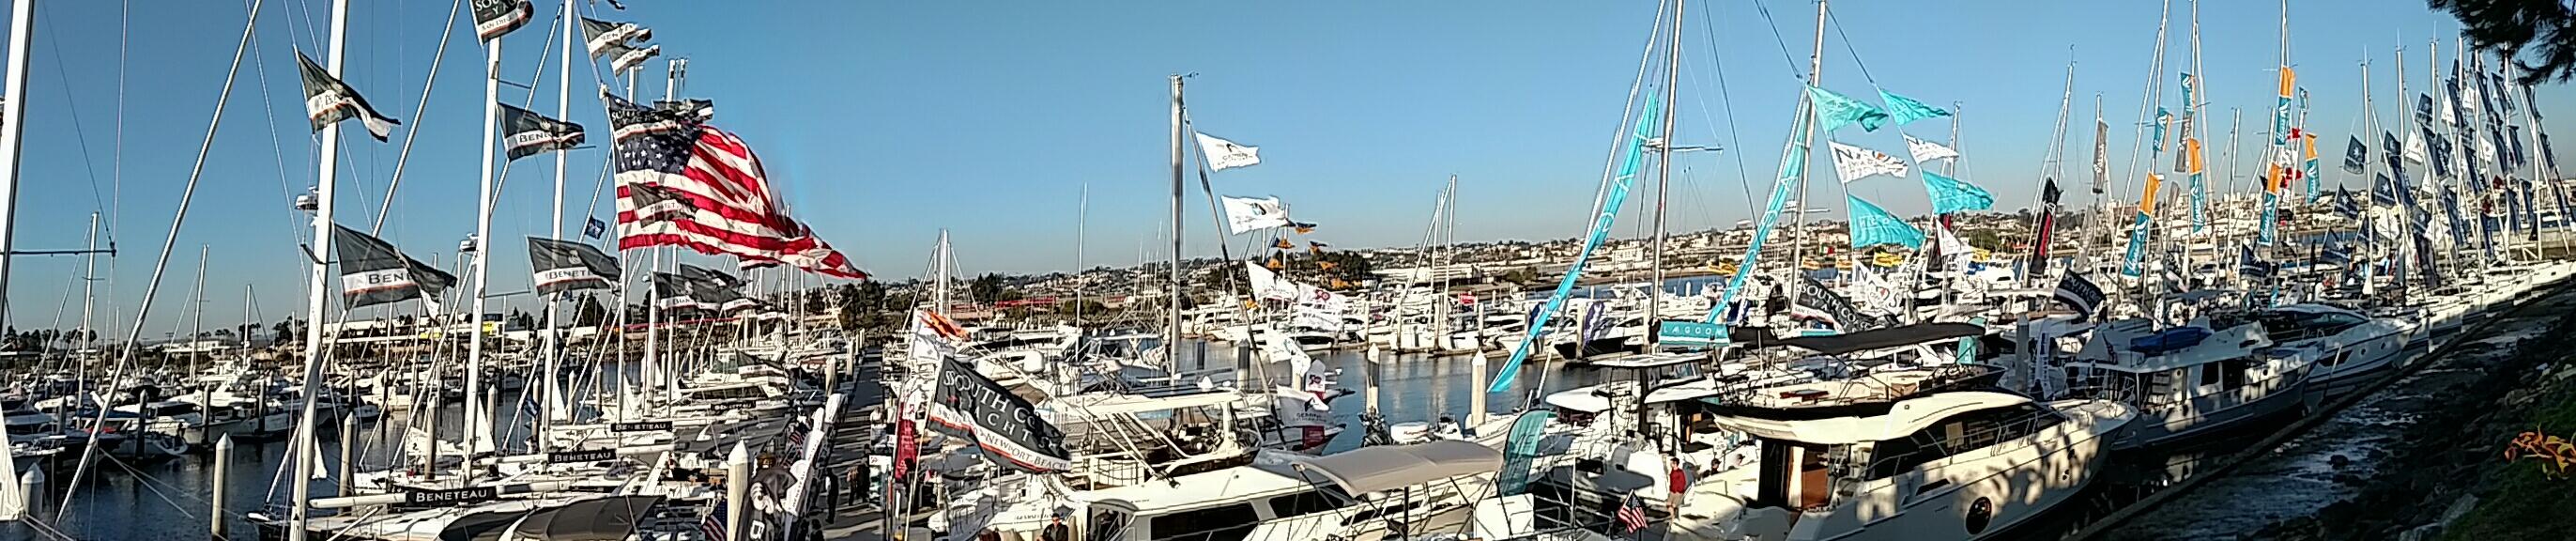 SD Sunroad Marina Boat Show